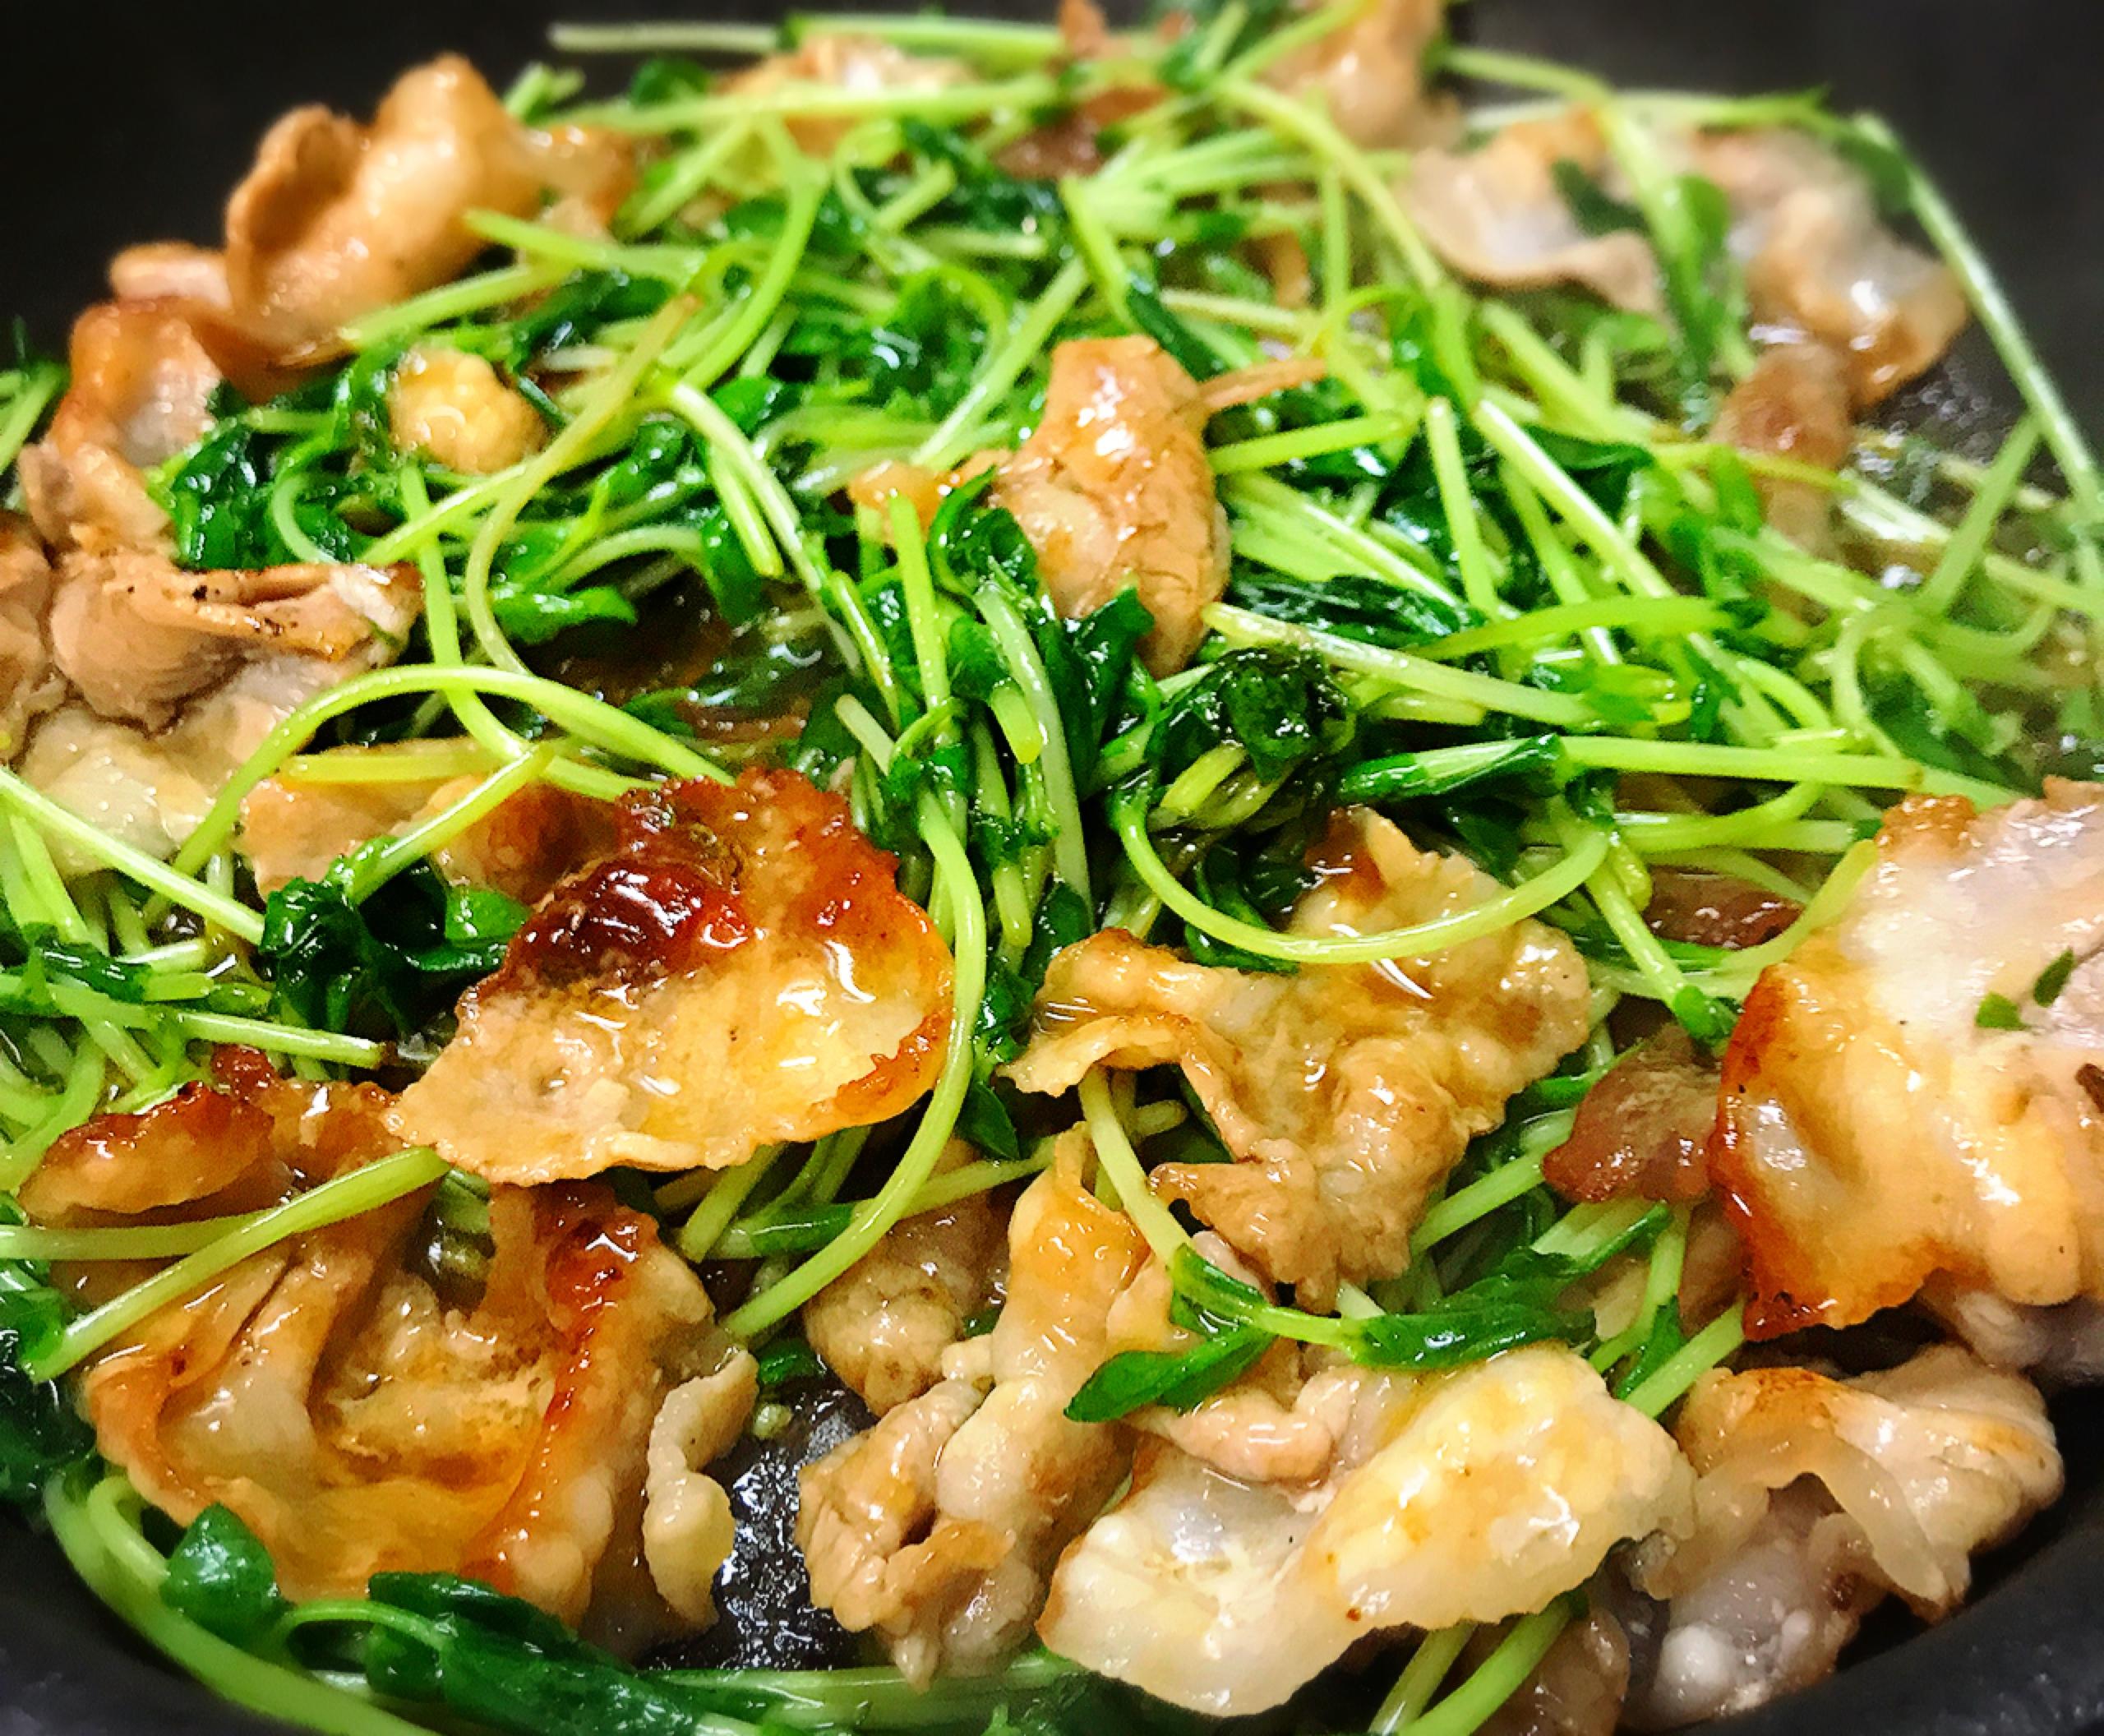 苗 レシピ 豚 こま 豆 【豚こま肉】の人気レシピ15選|コスパ最強!アレンジ自在の「肉おかず」